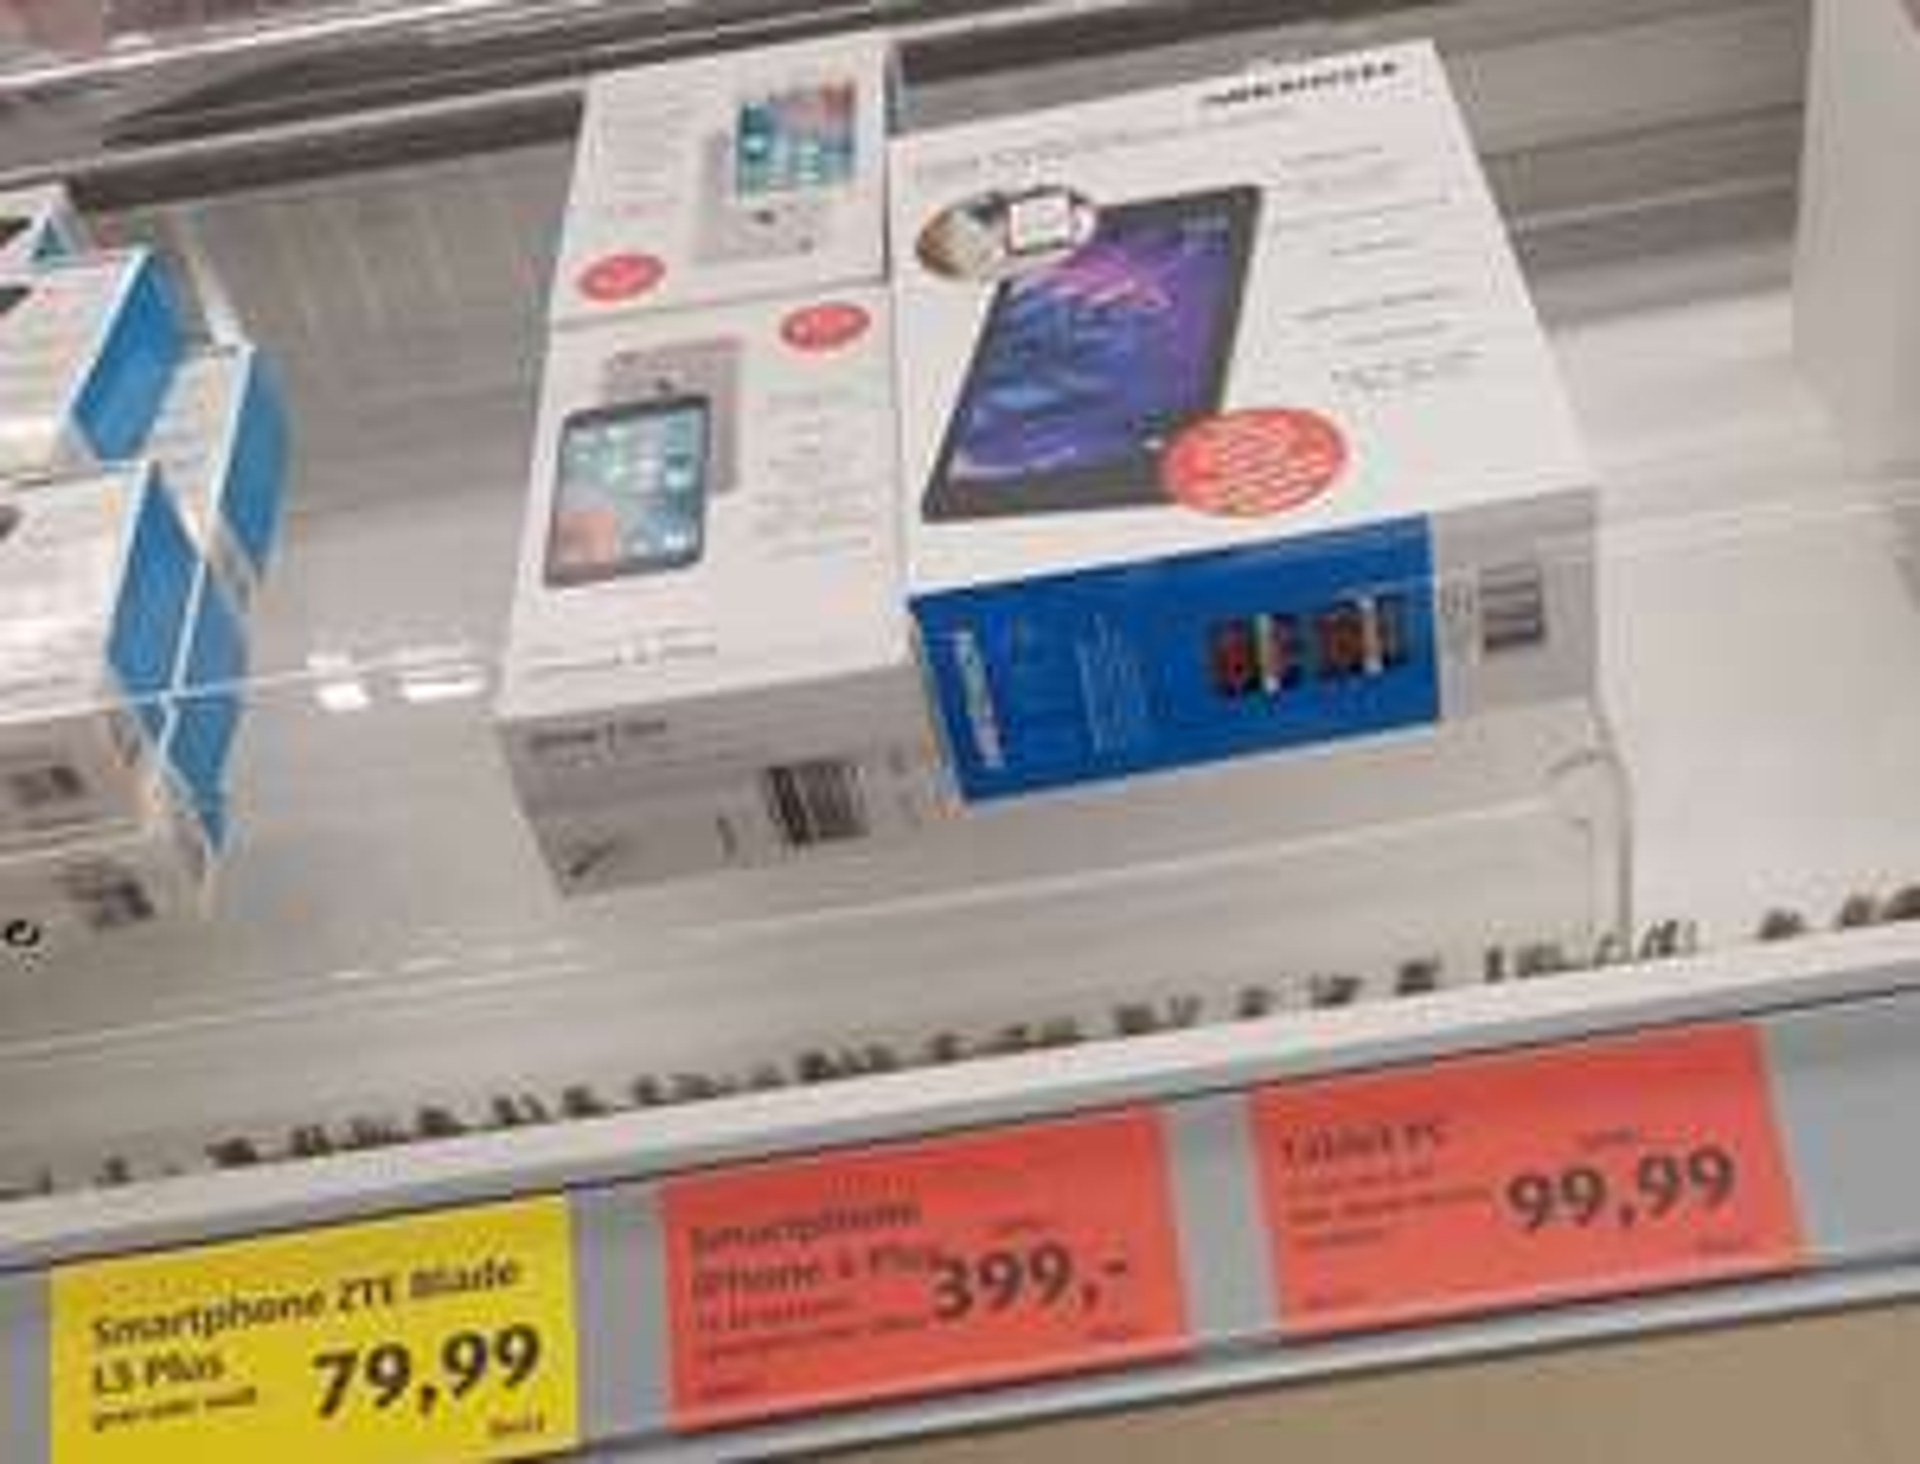 iPhone 6 Plus  - Space Grey / Silber  - 16GB für nur 399 Eur [ALDI SÜD] (Düsseldorf)